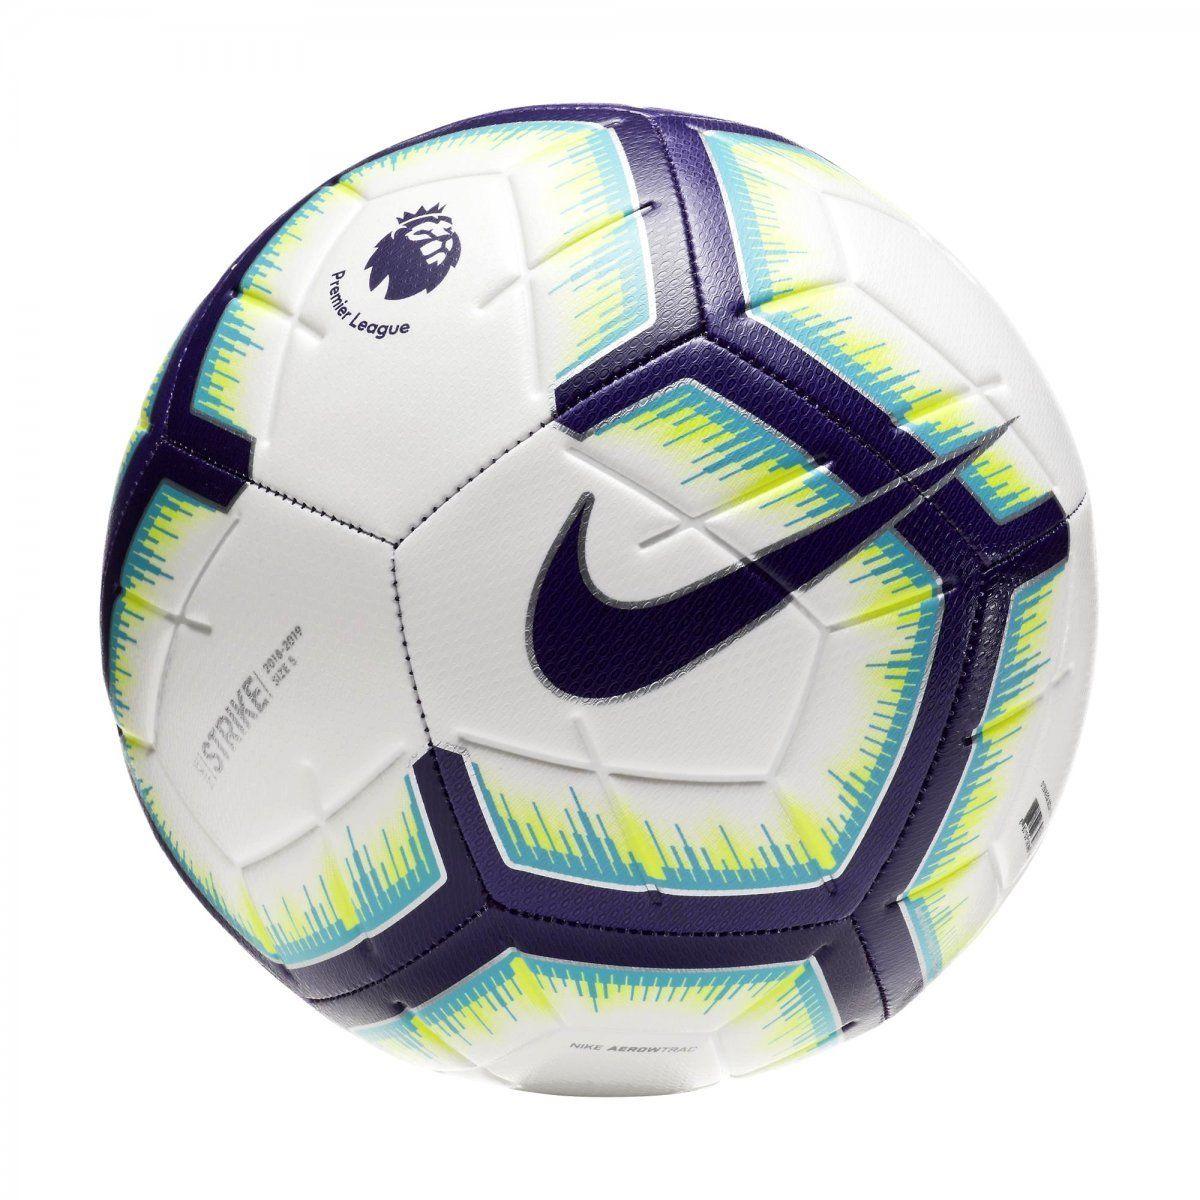 a24907e9 Купить футбольный мяч Найк в Киеве. Профессиональный, детский, кожаный